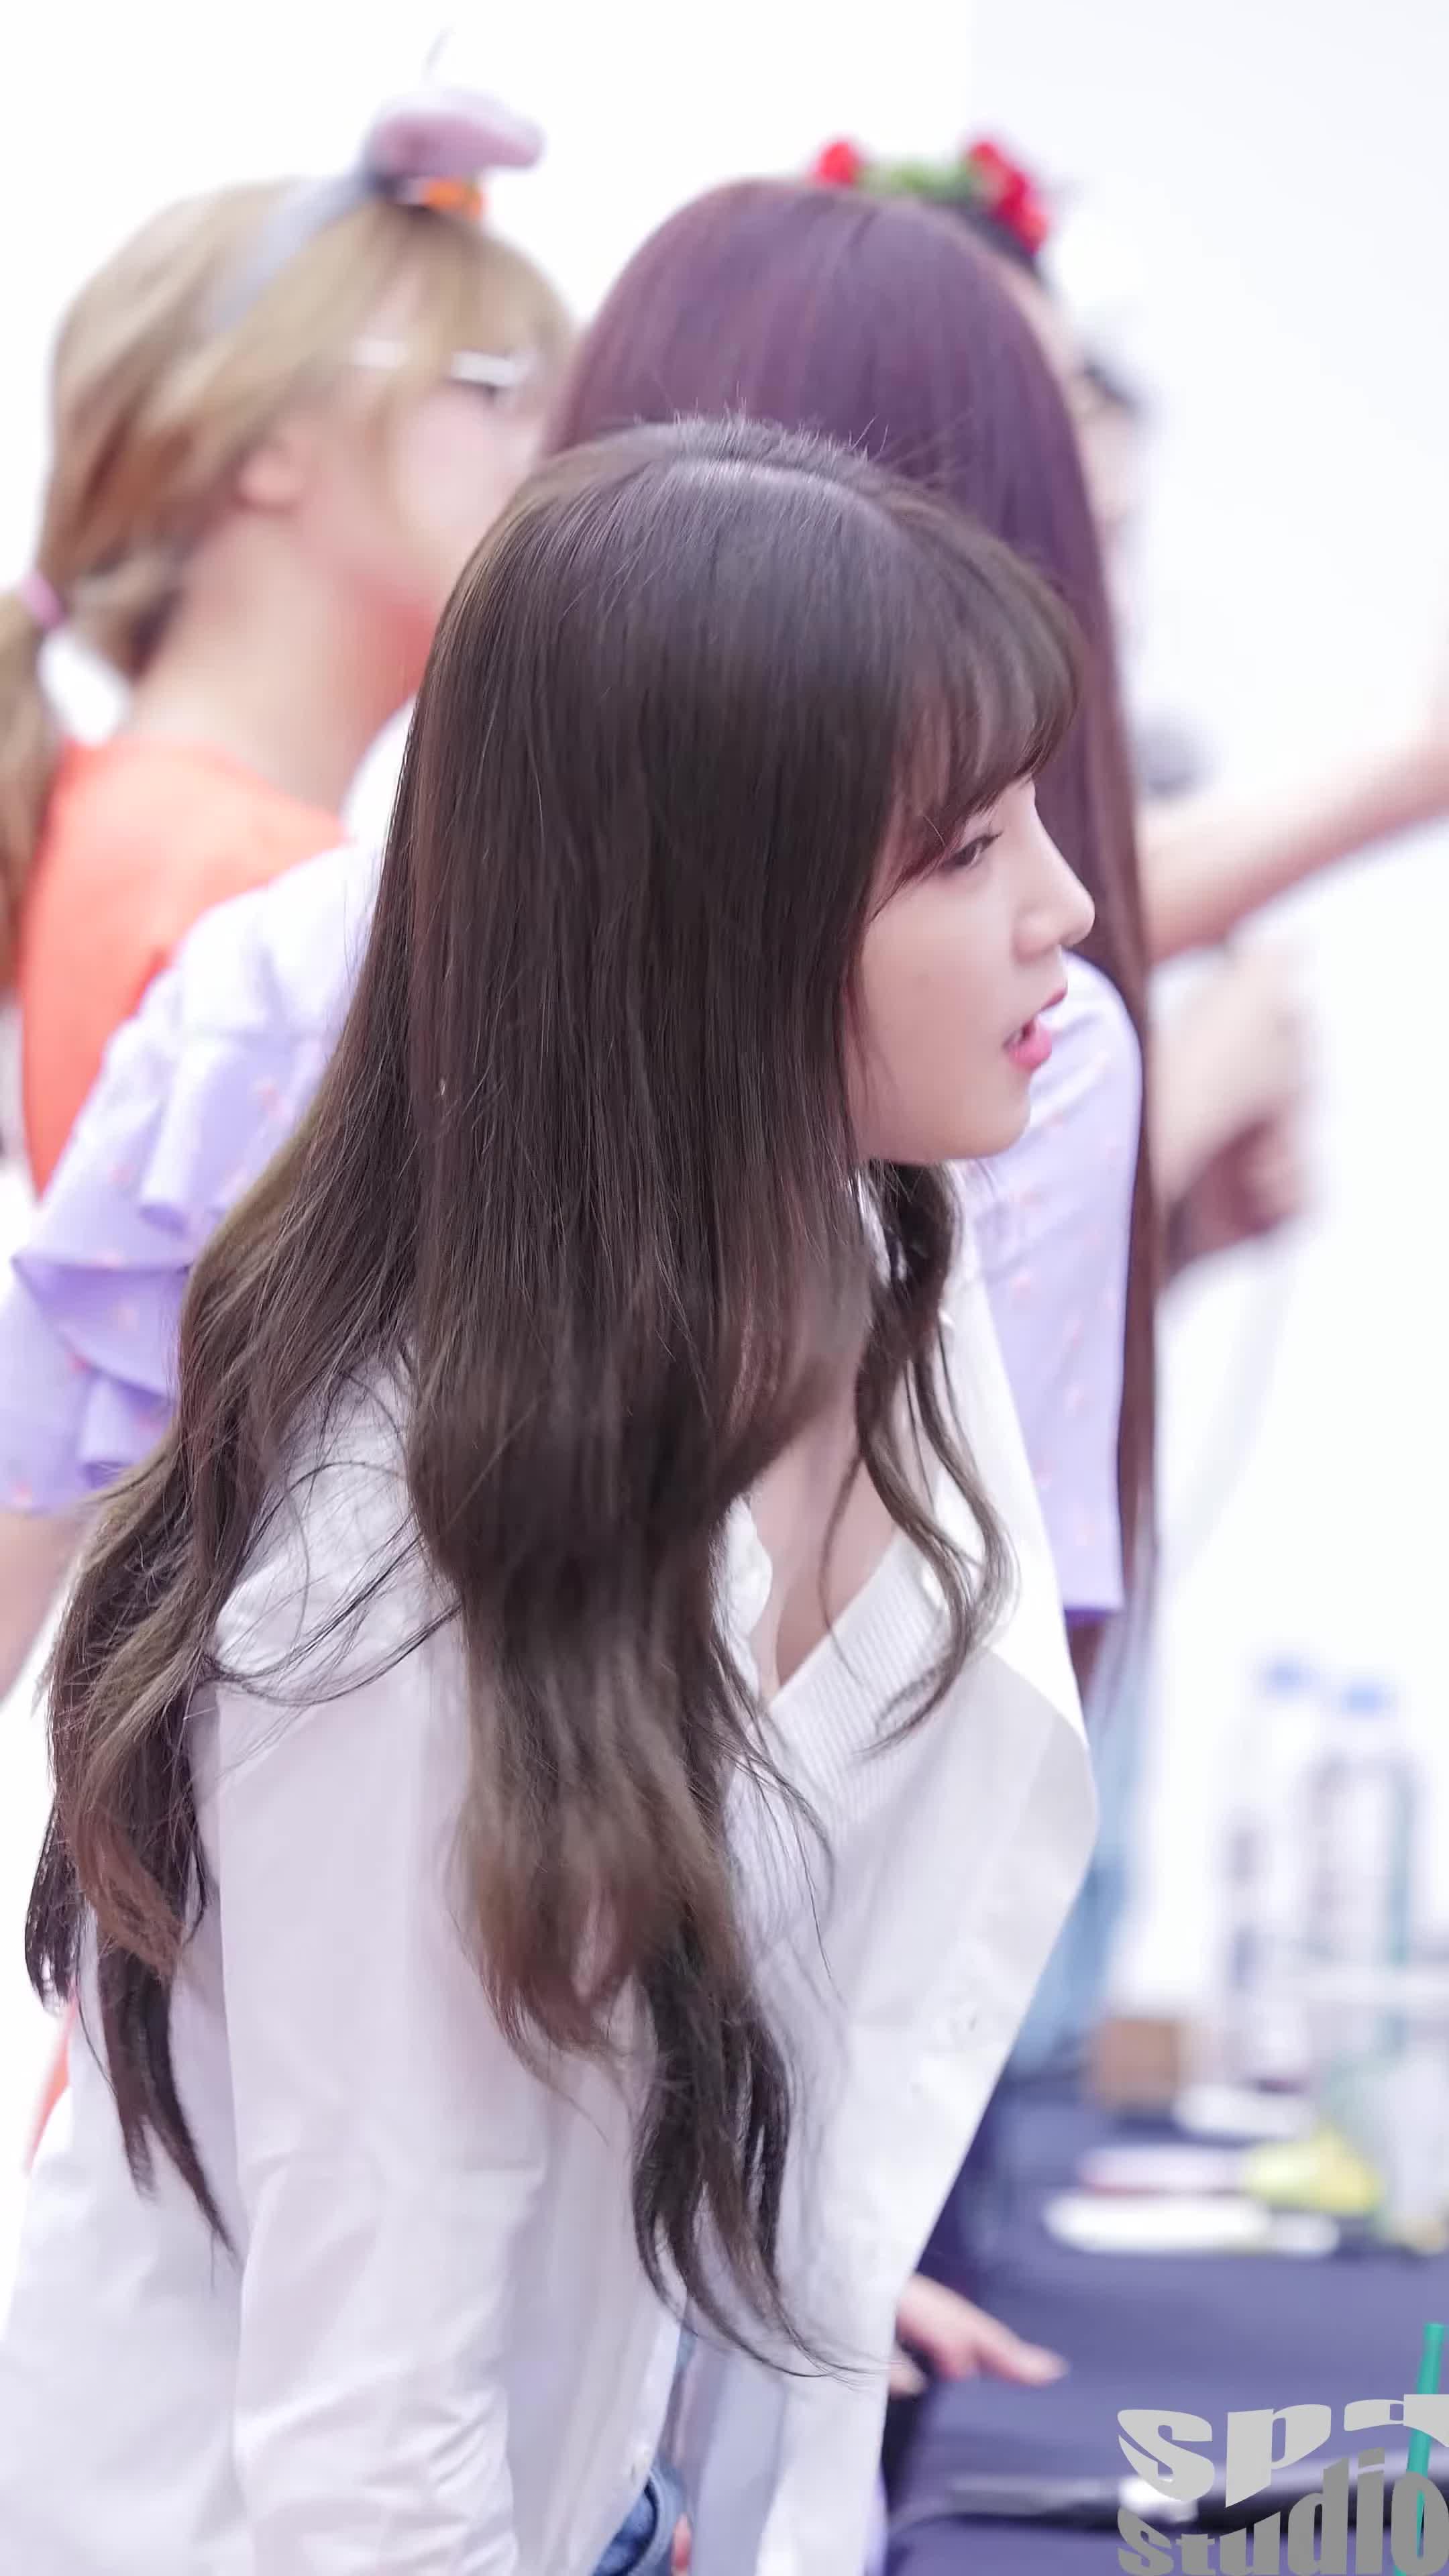 에이핑크, 초롱, Apink Chorong's Cleavage Slightly Shortened GIFs